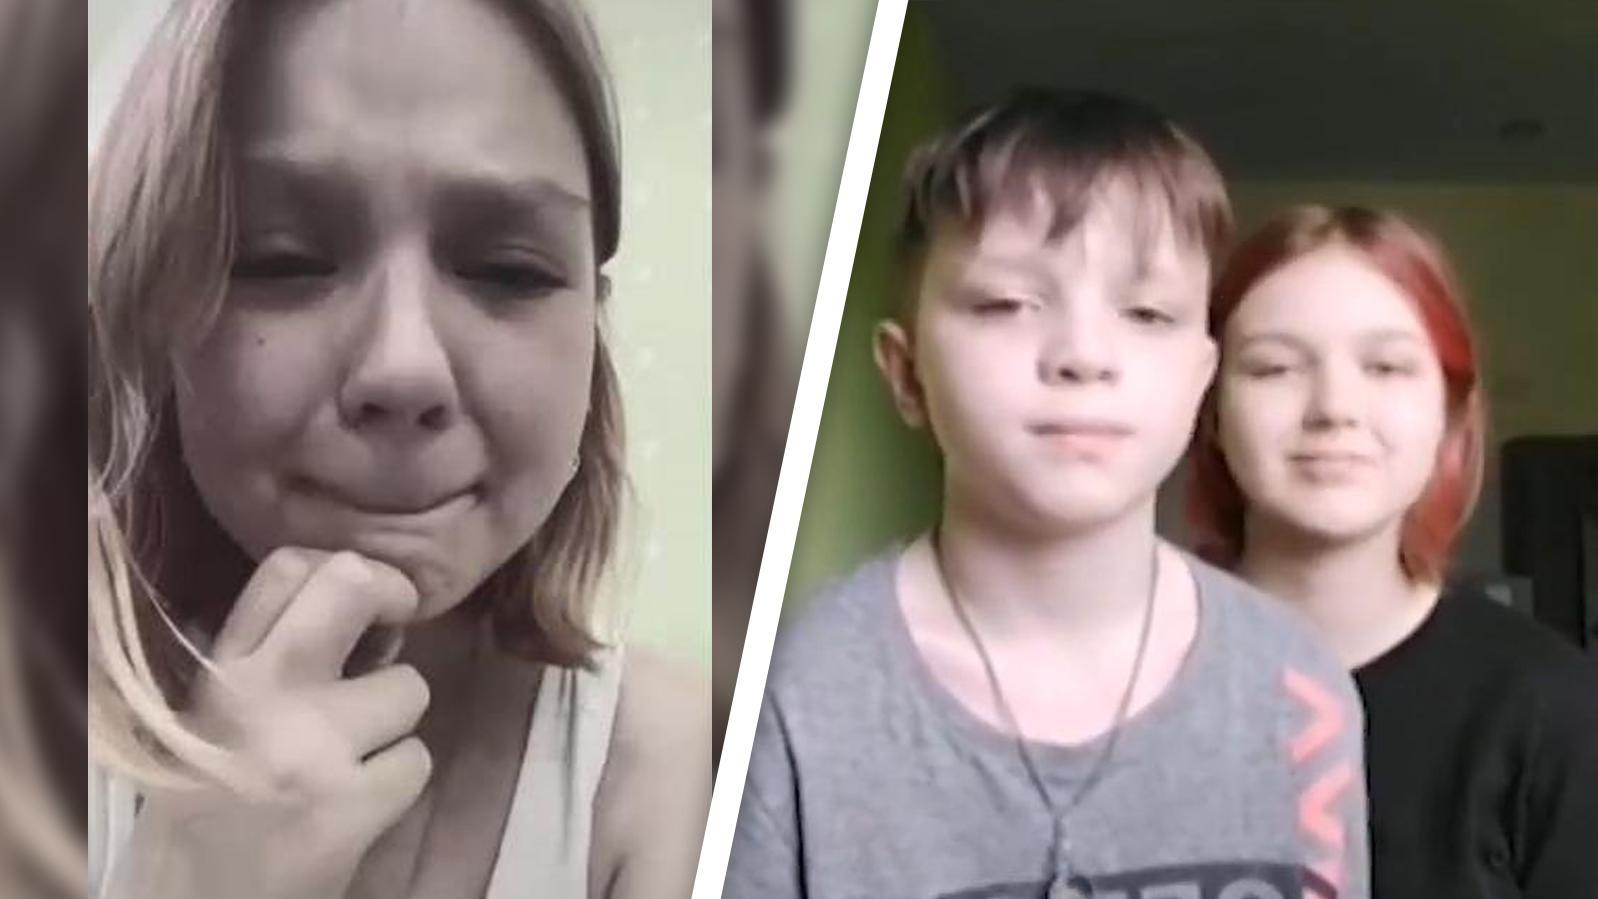 Die erst 14-jährige Darya und ihr 11-jähriger Freund sind getrennt.